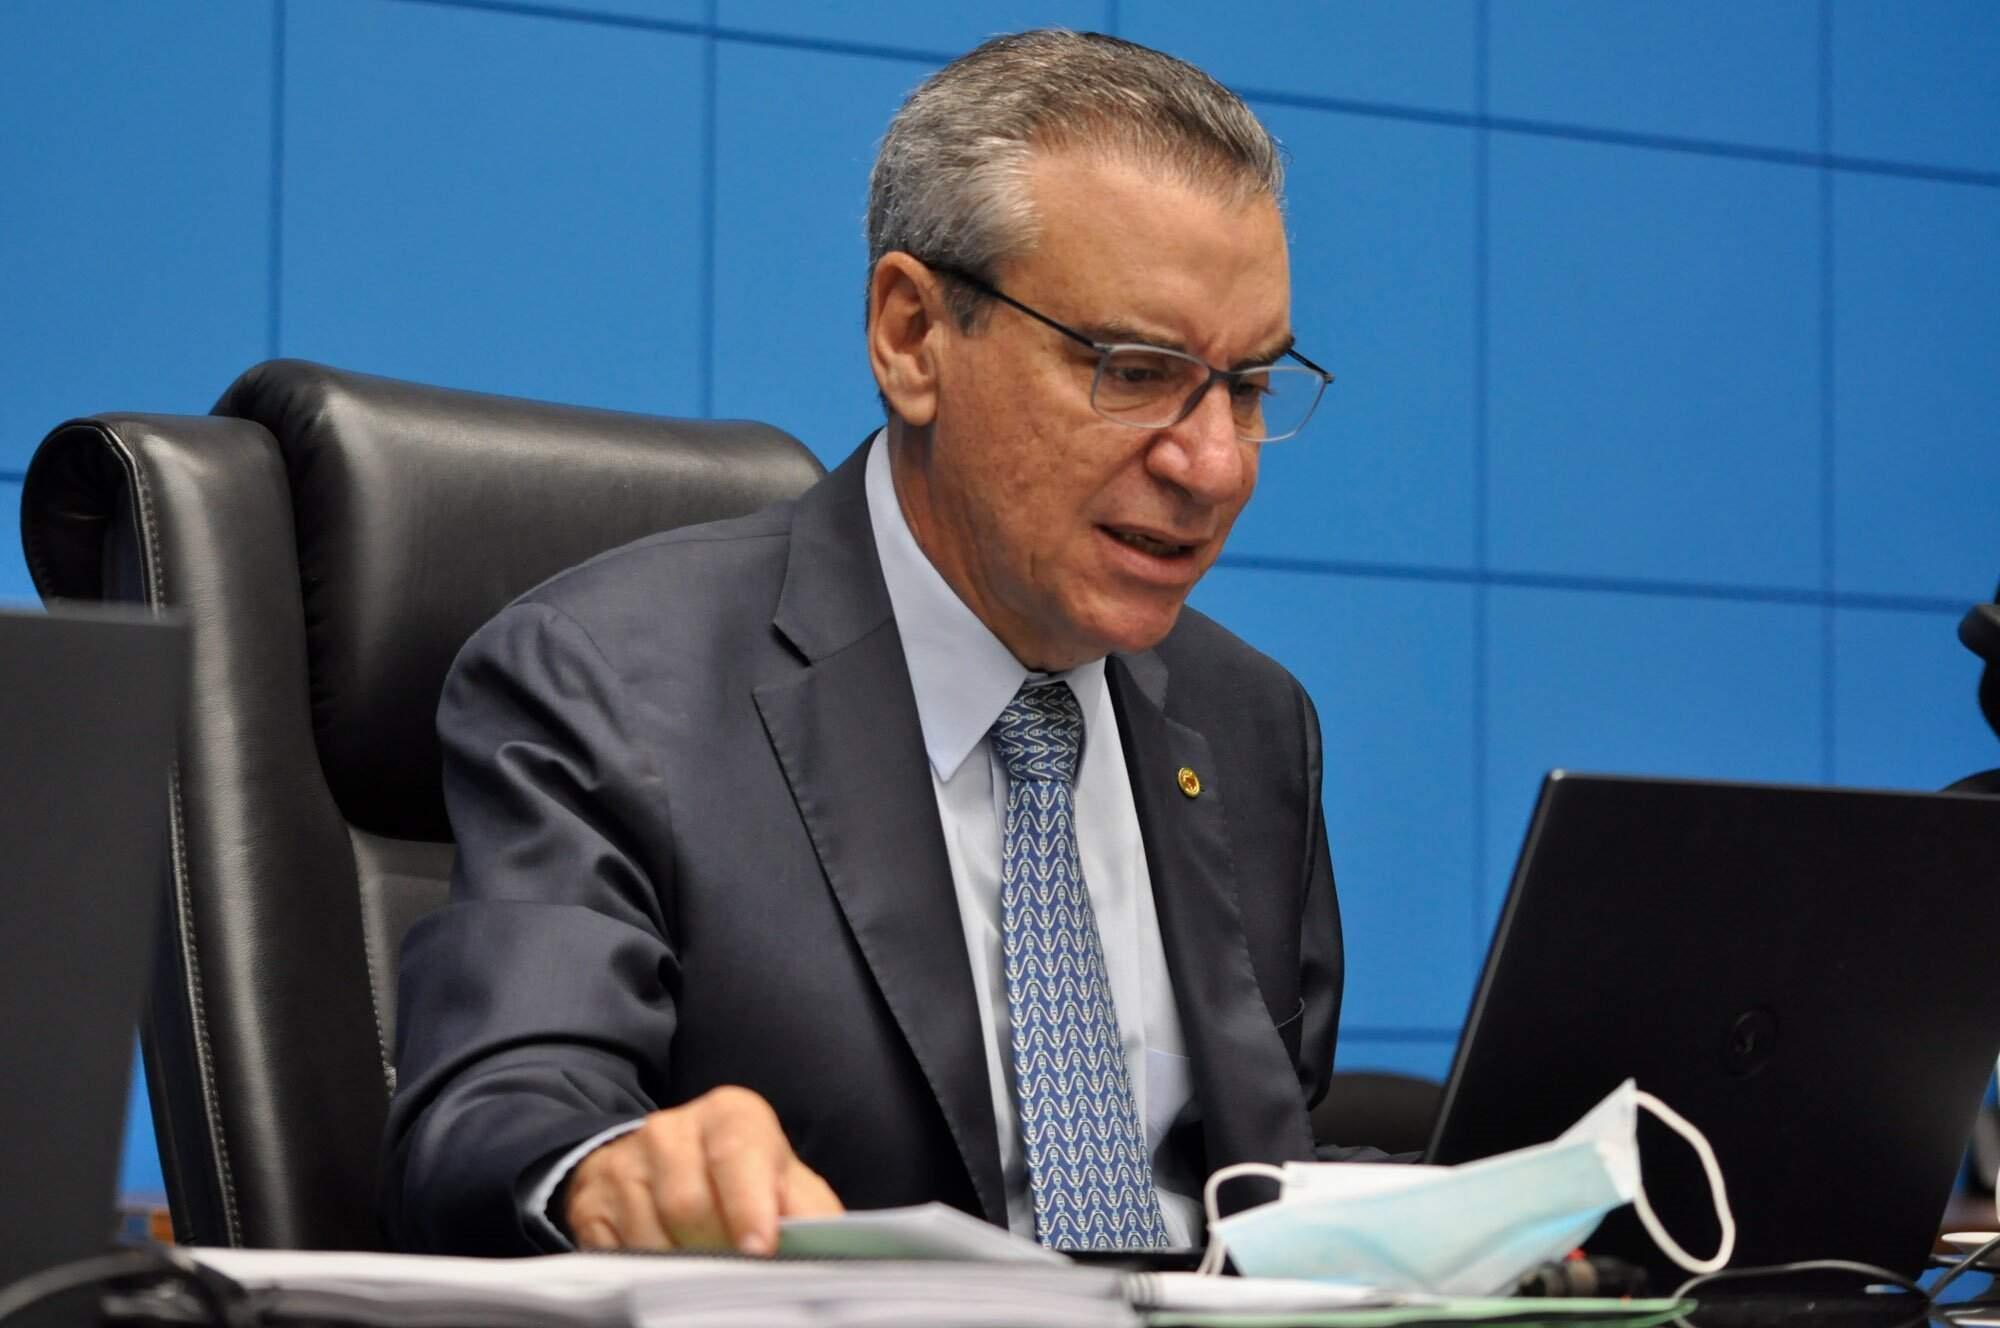 Presidente da Assembleia, deputado Paulo Corrêa (PSDB), afirmou durante a sessão de hoje (24) que projeto priorizando vacinação para a comunidade escolar será apresentada ao governo (Foto: Luciana Nassar/Alems)